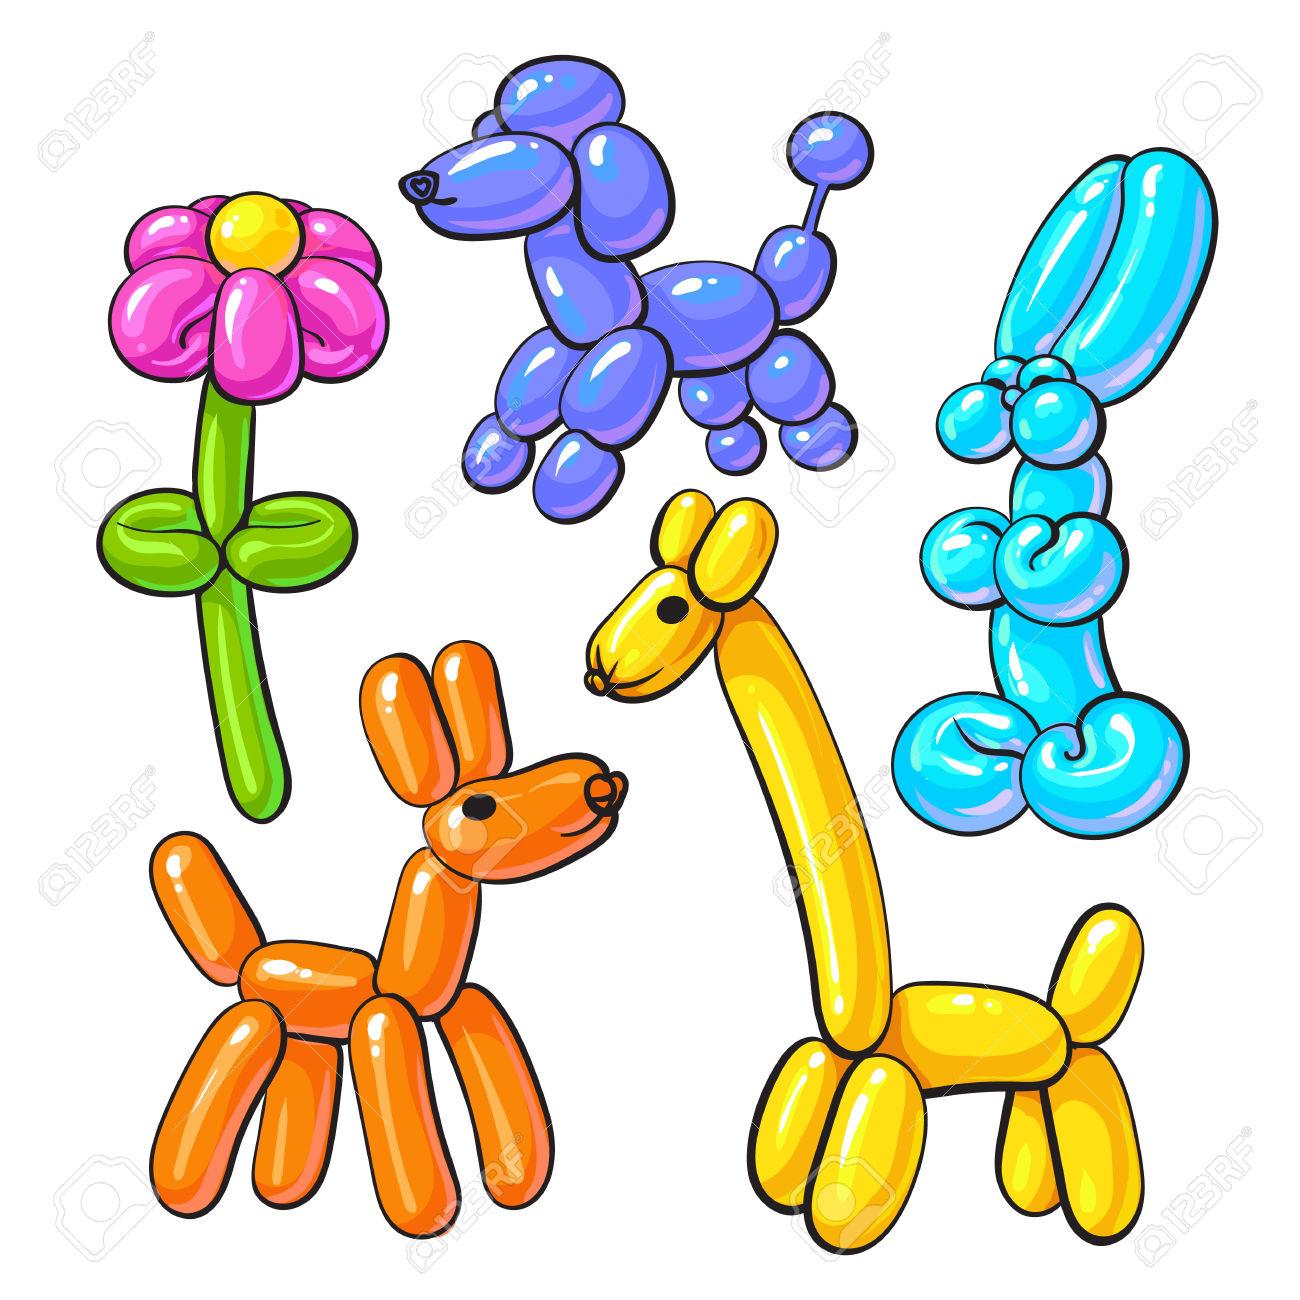 Animal balloon clipart